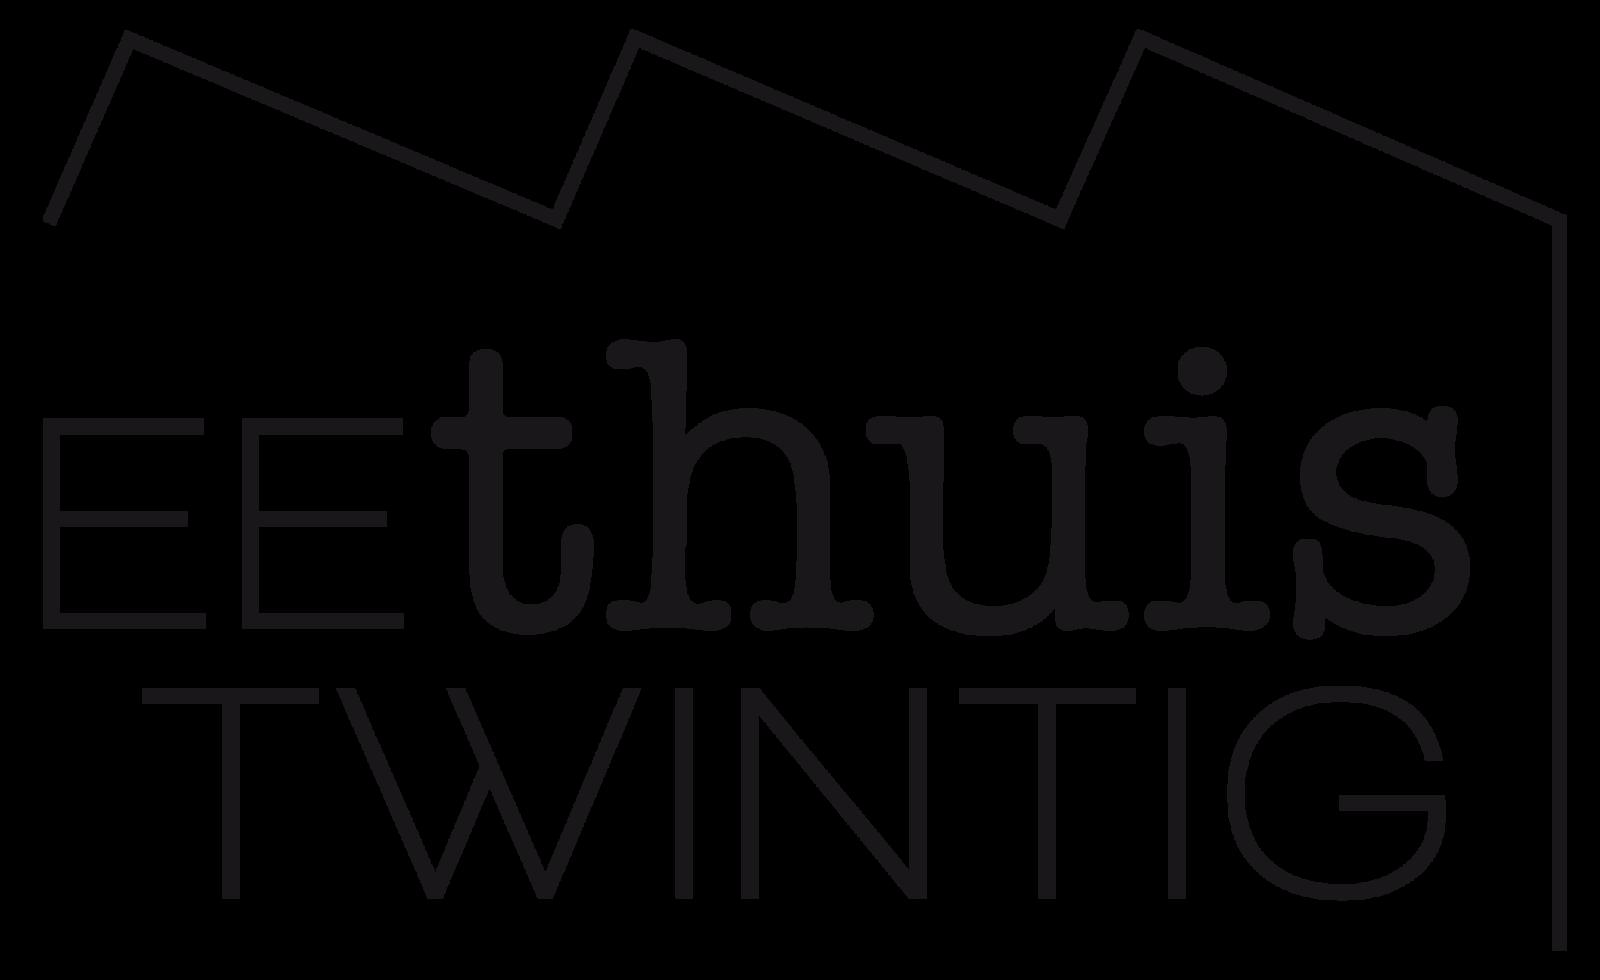 Eethuis twintig